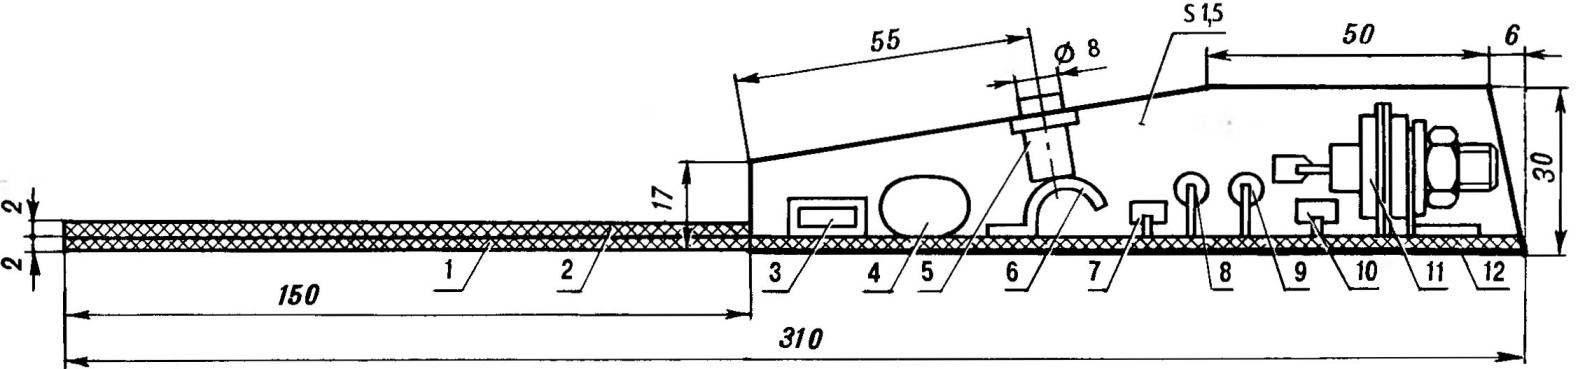 Сборочный чертеж электронной «спички»